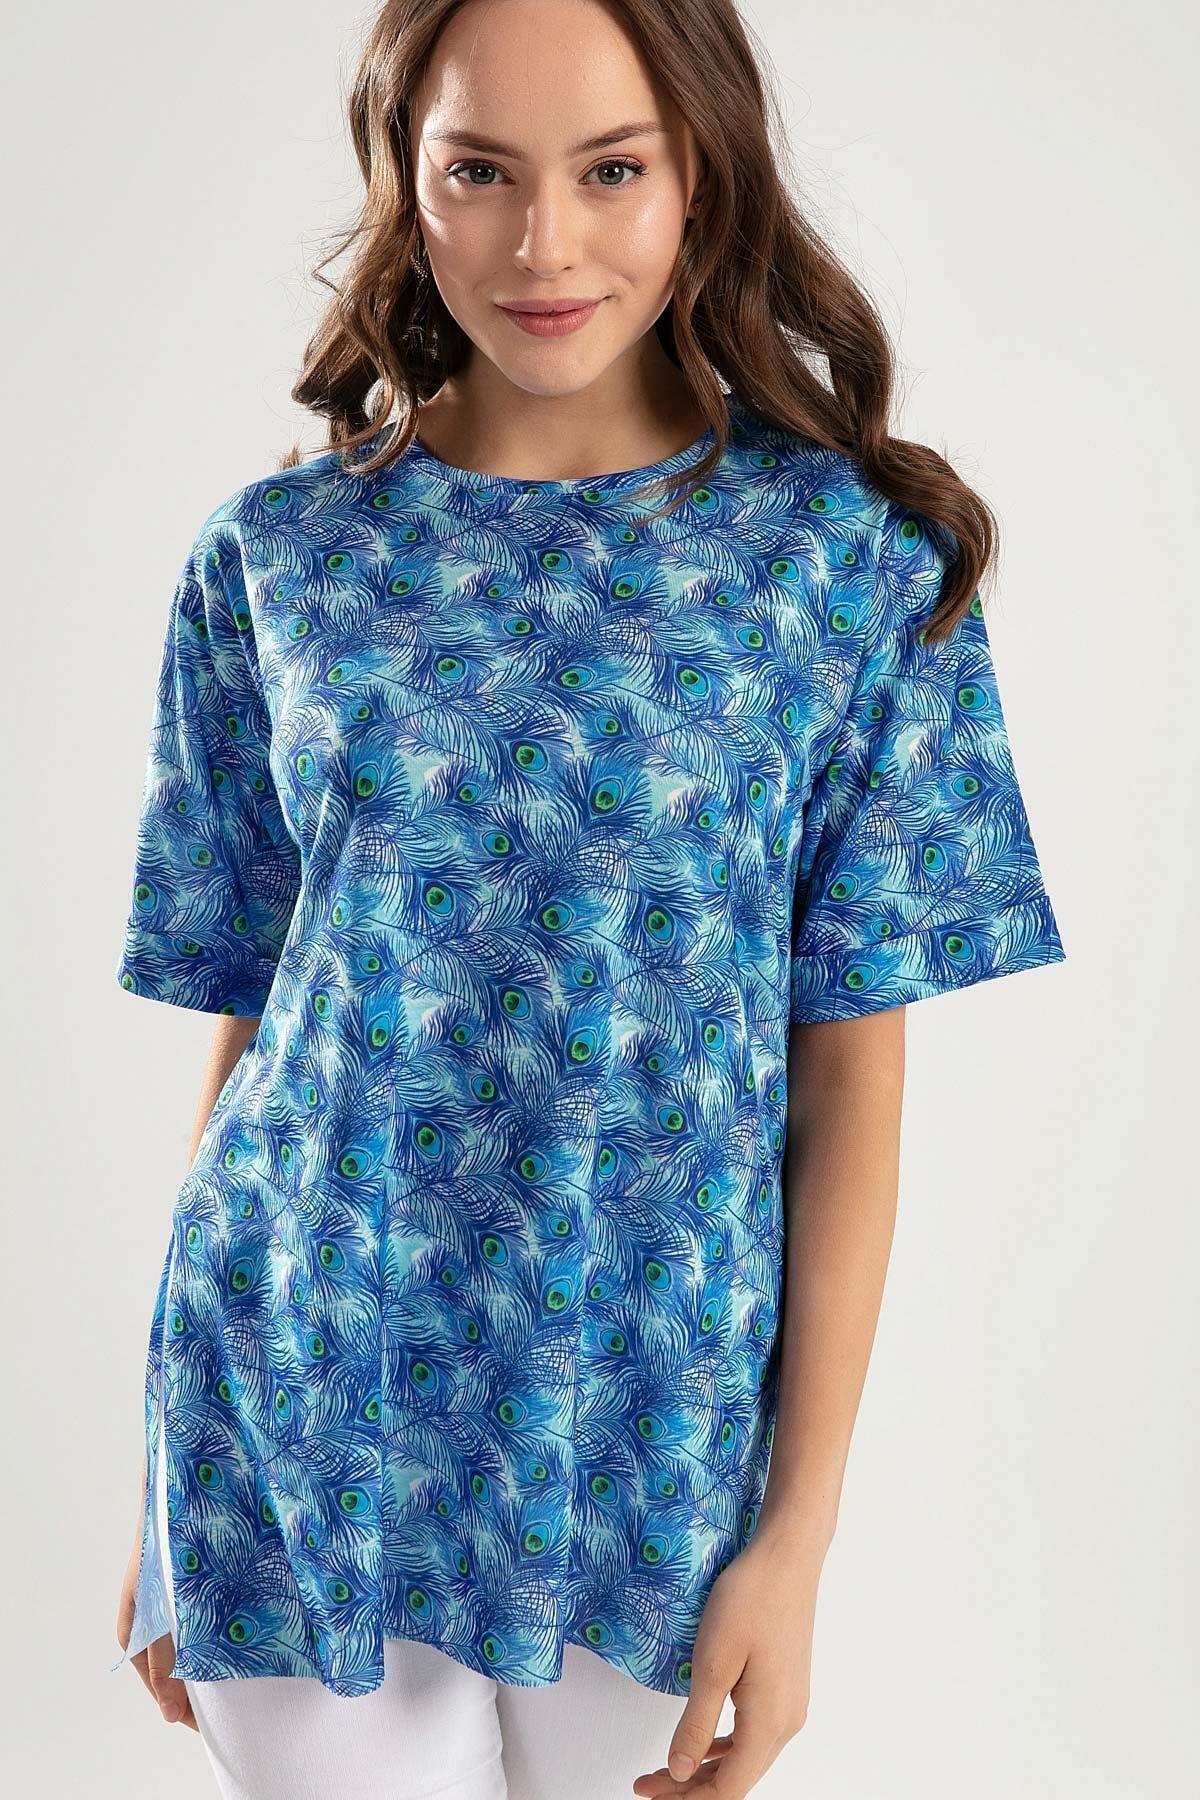 Kadın Mavi Tavus Tüyü Baskılı Duble Kol Yanı Yırtmaçlı Tişört PTTY20S-4247